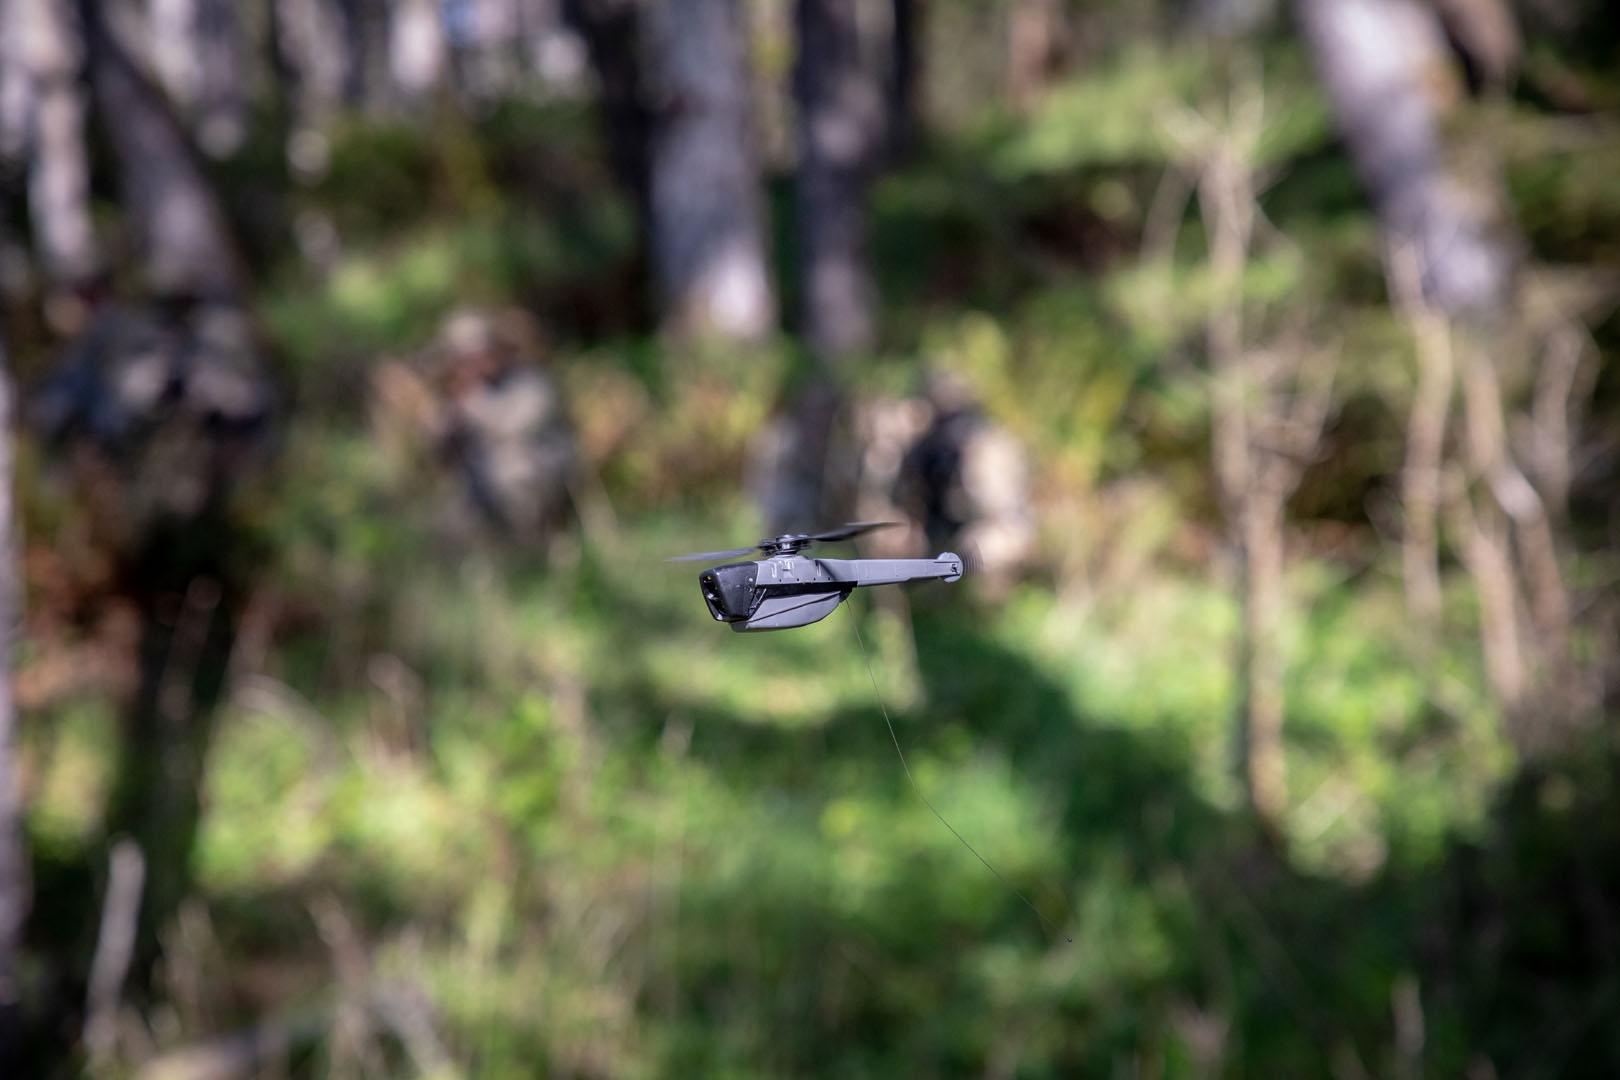 Black Hornet Prs Airborne Personal Reconnaissance System